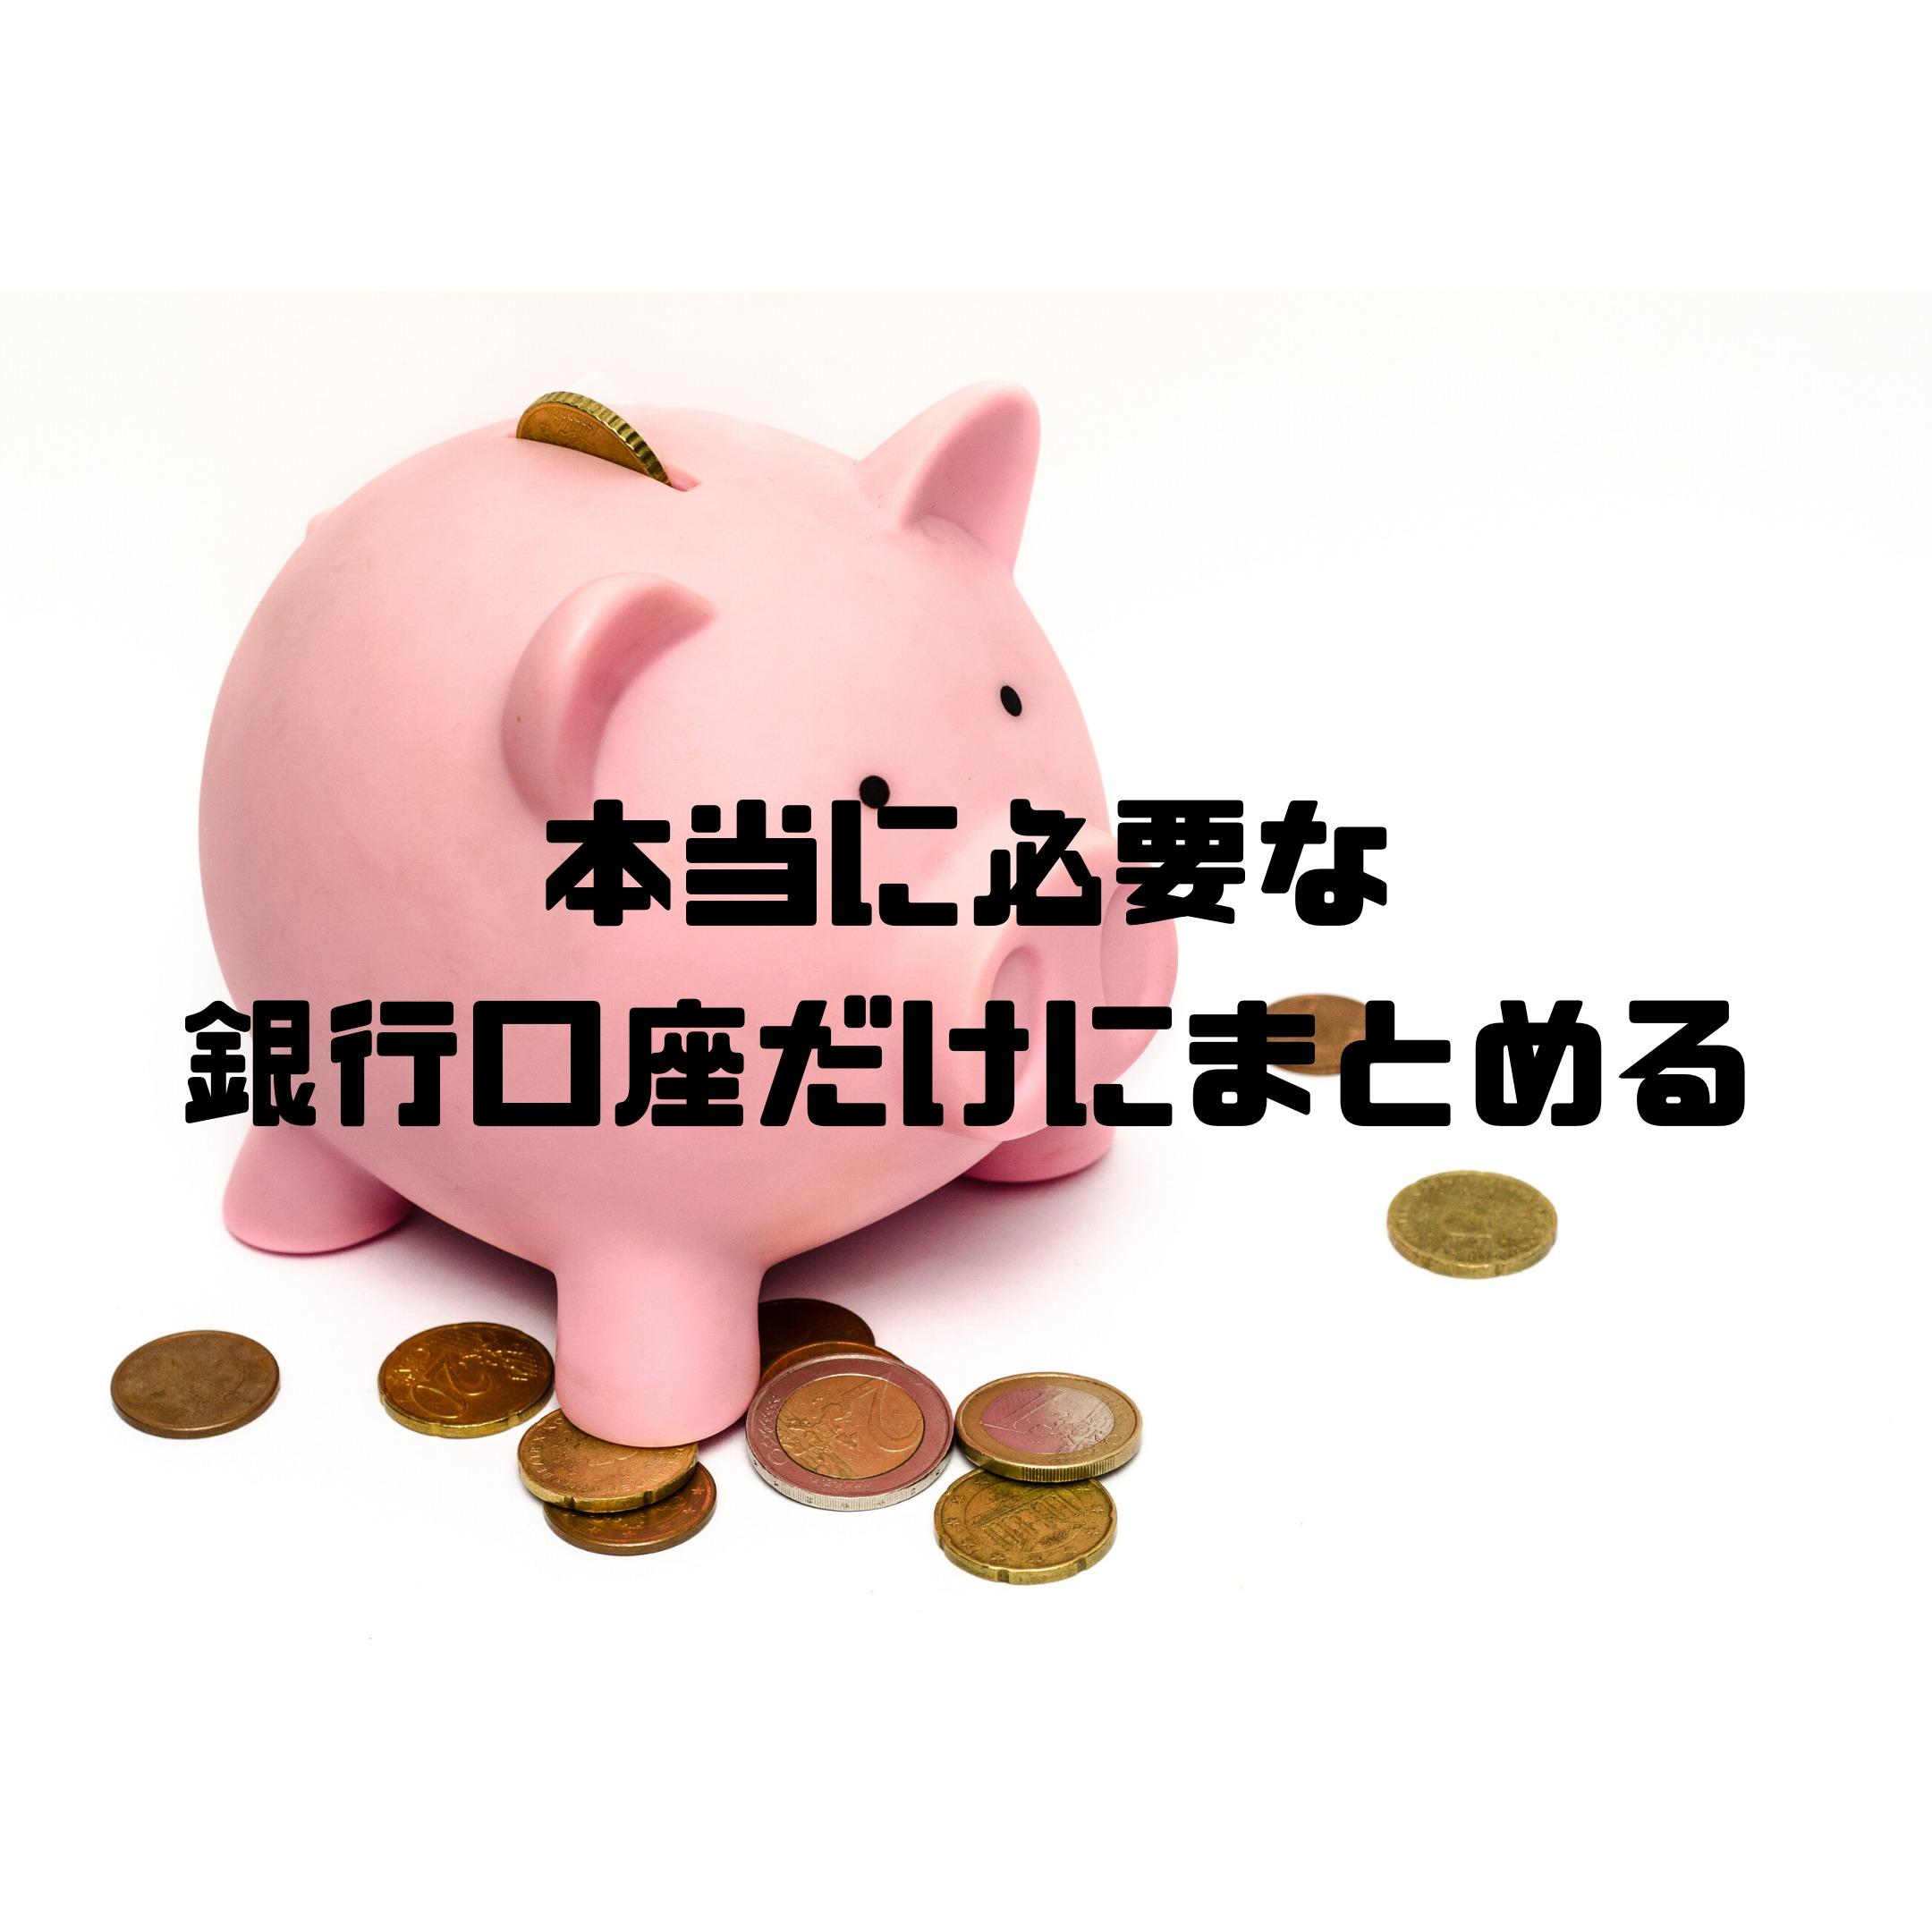 本当に必要な銀行口座だけにまとめる!!